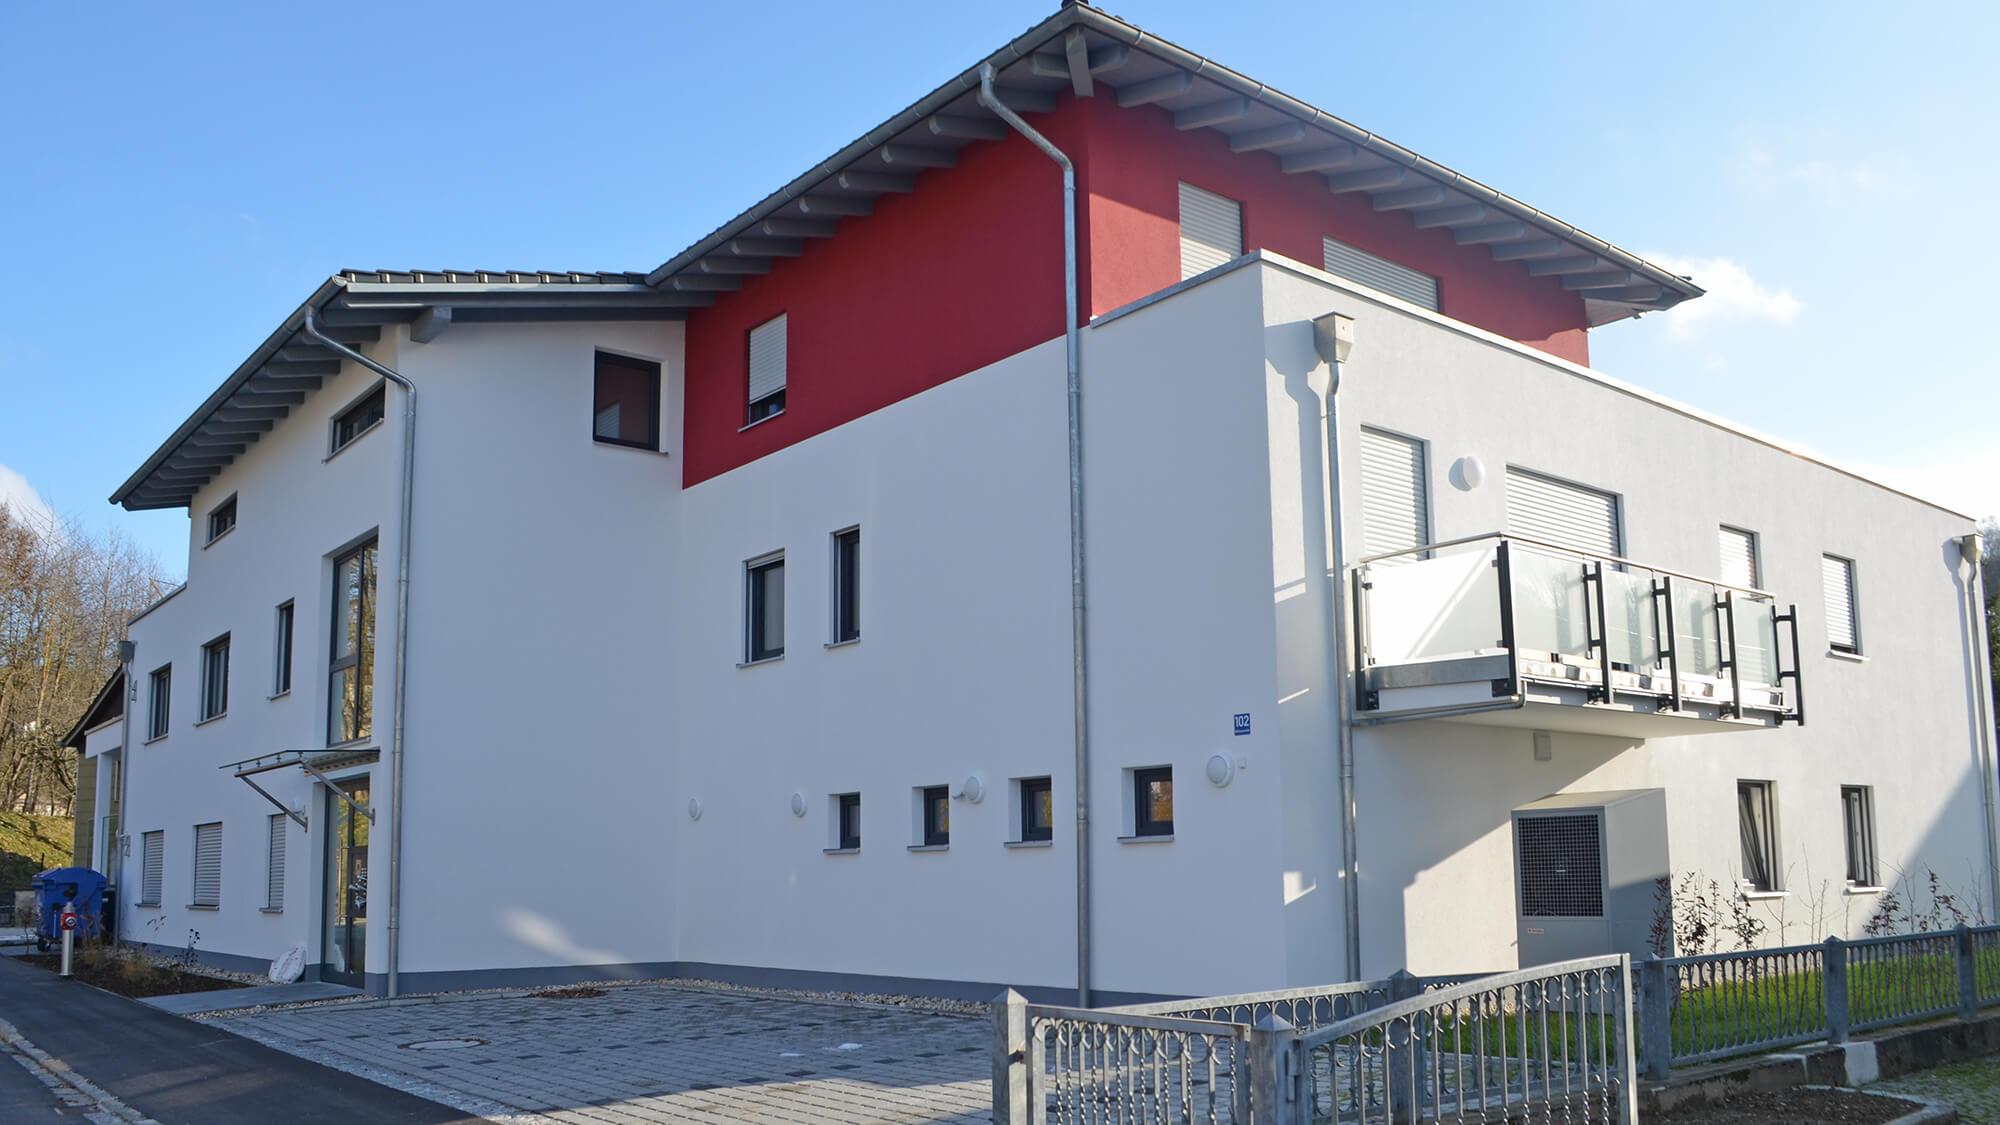 Außenansicht eines Wohnhauses mit Balkon und Doppelgaragen